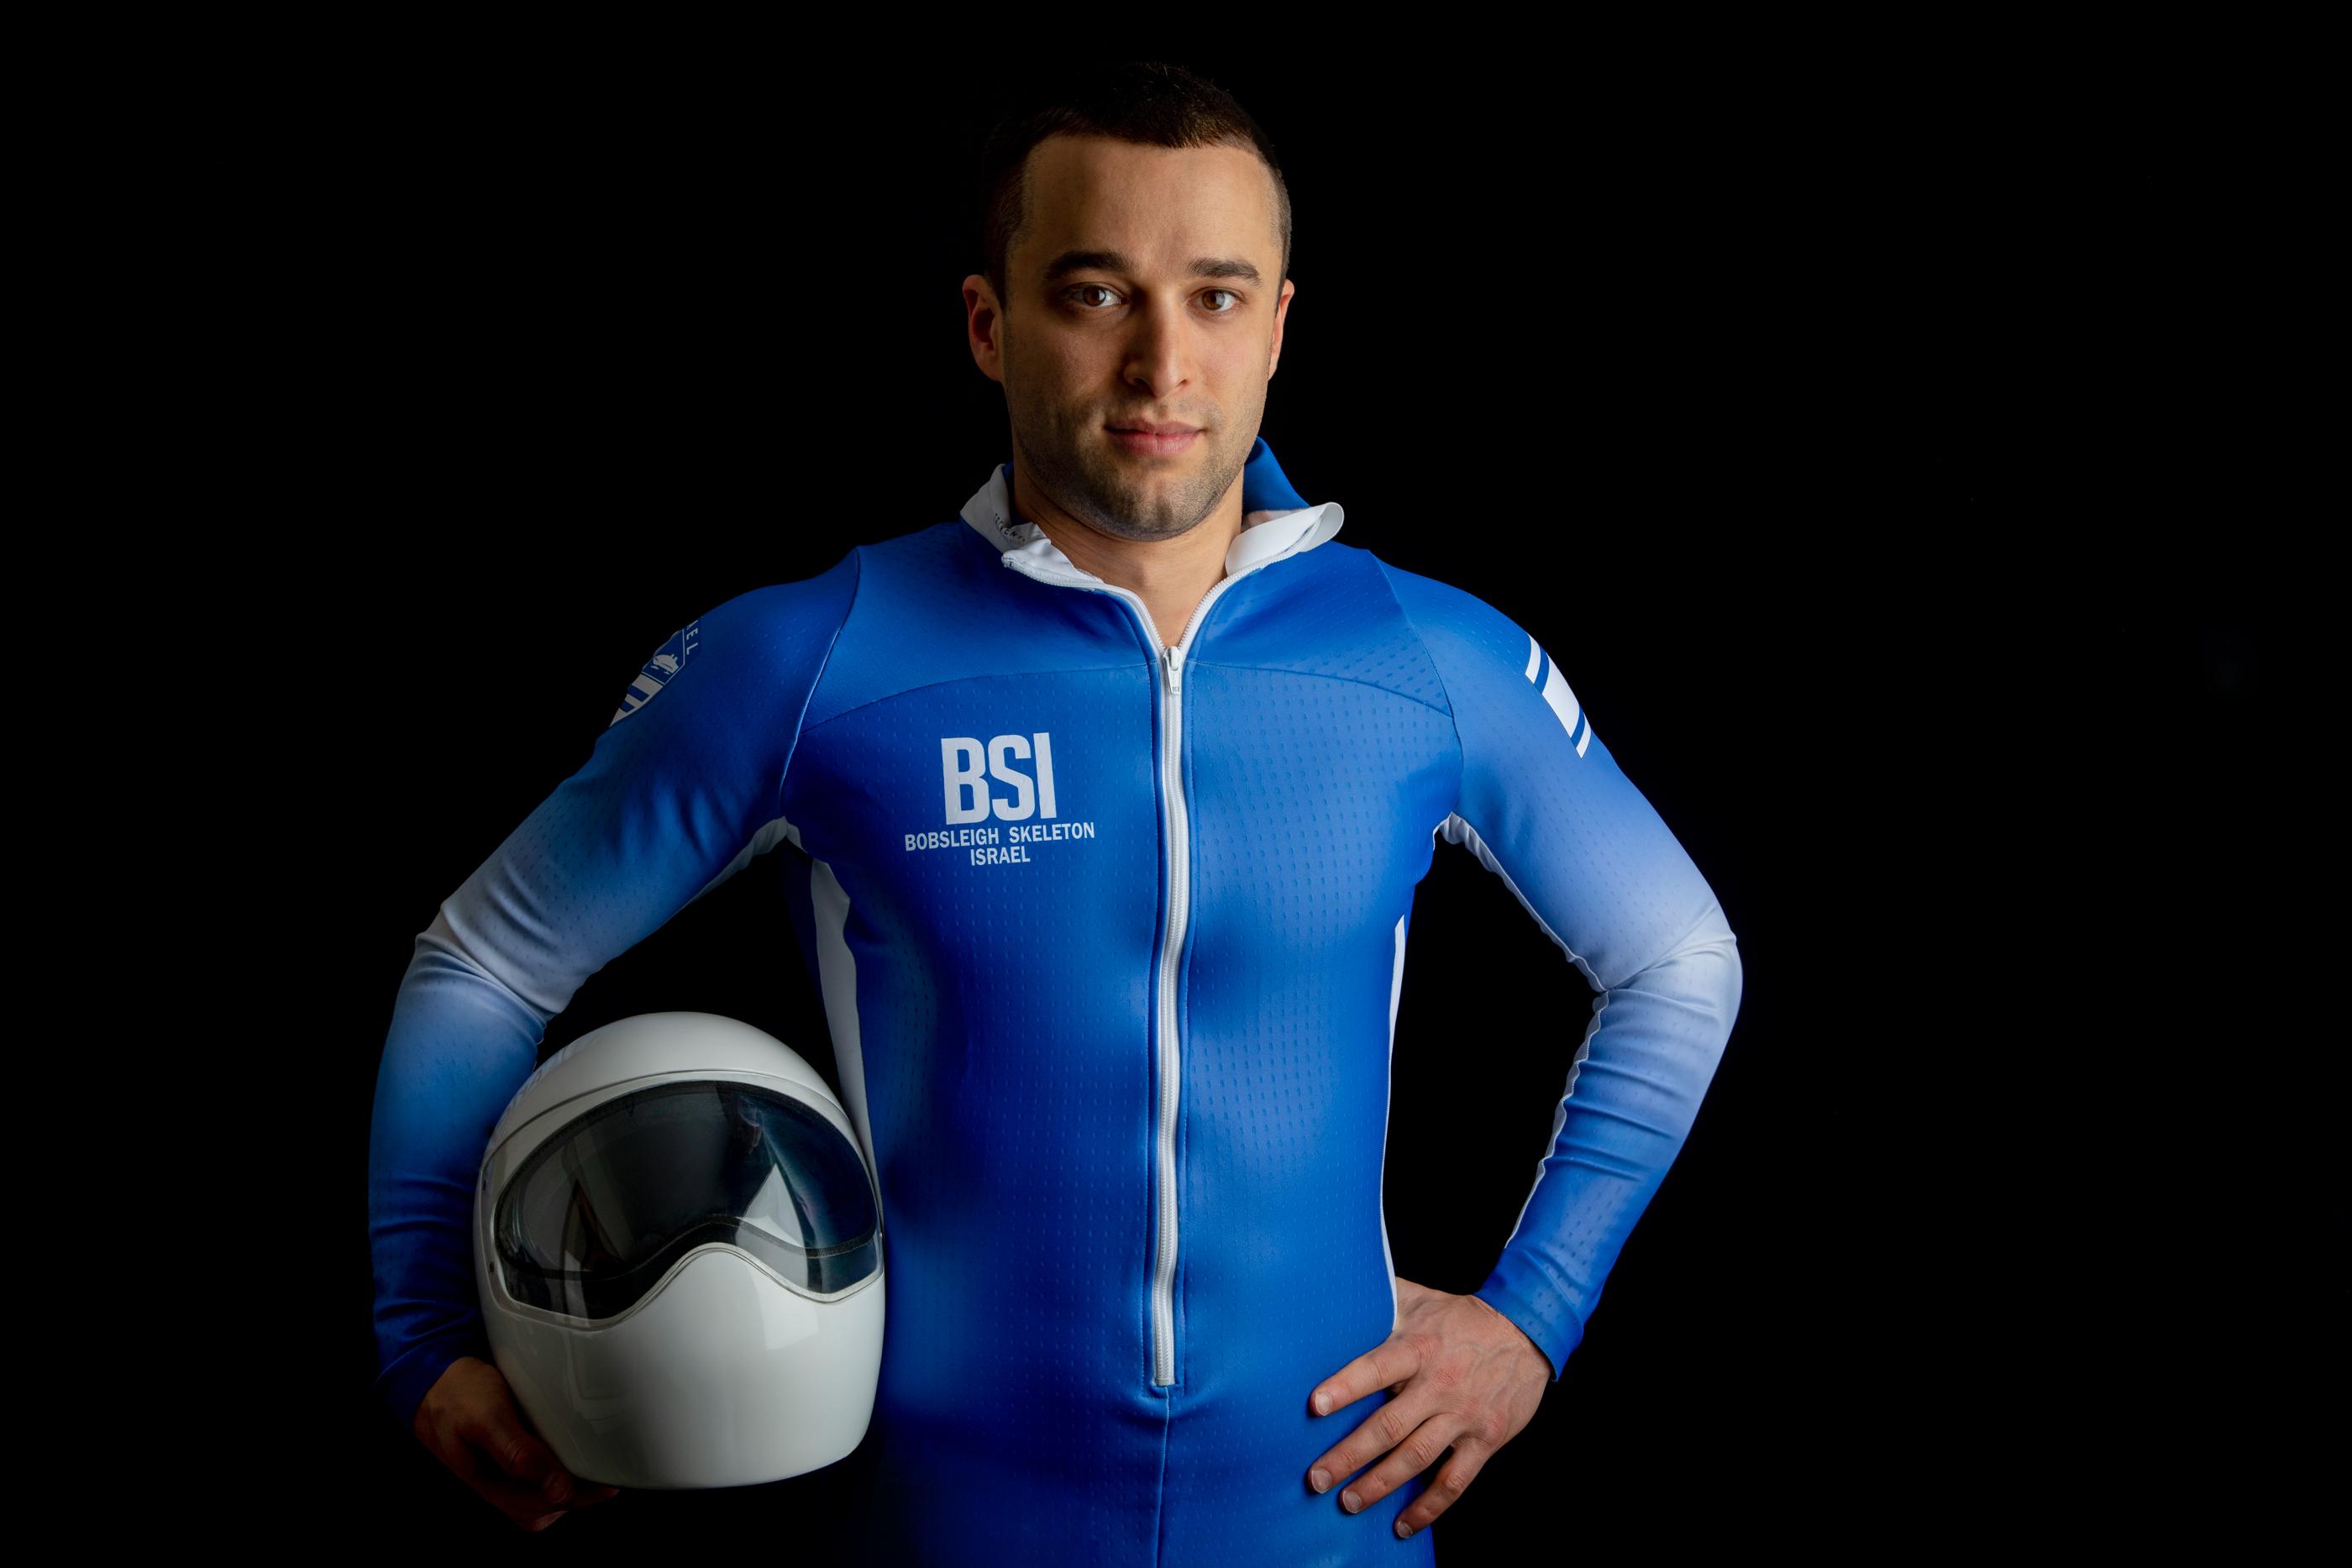 Jared-Firestone-Israel-Olympic-Skeleton-Slider2 (1)